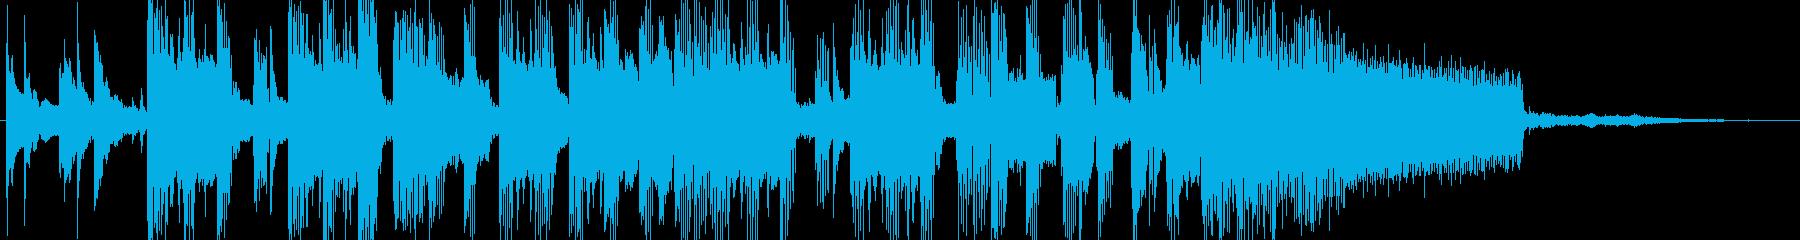 壮大 バンド スイング ポジティブ...の再生済みの波形